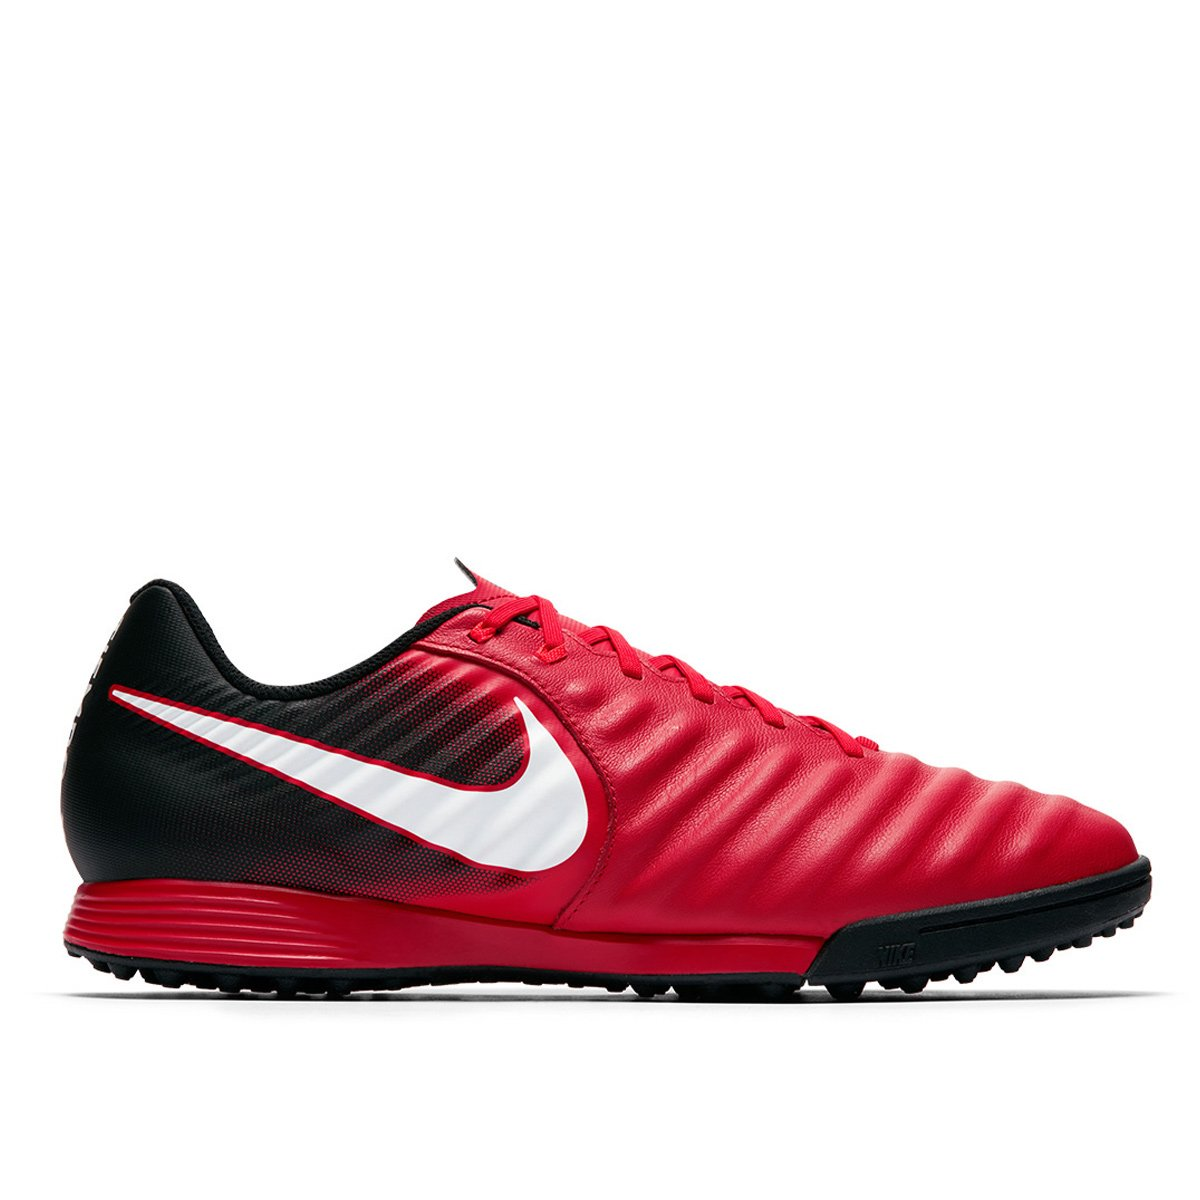 acc637b4b4 Chuteira Society Nike Tiempo Ligera 4 TF - Vermelho e Branco